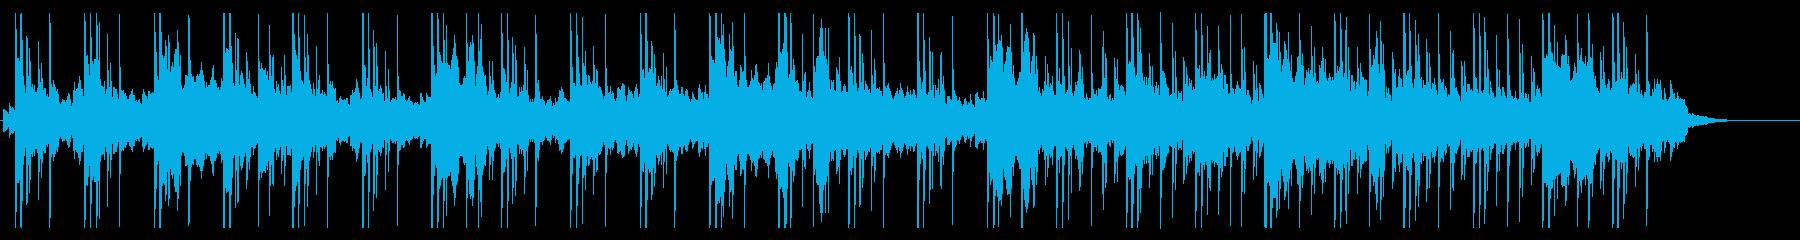 ゲームミュージック17の再生済みの波形